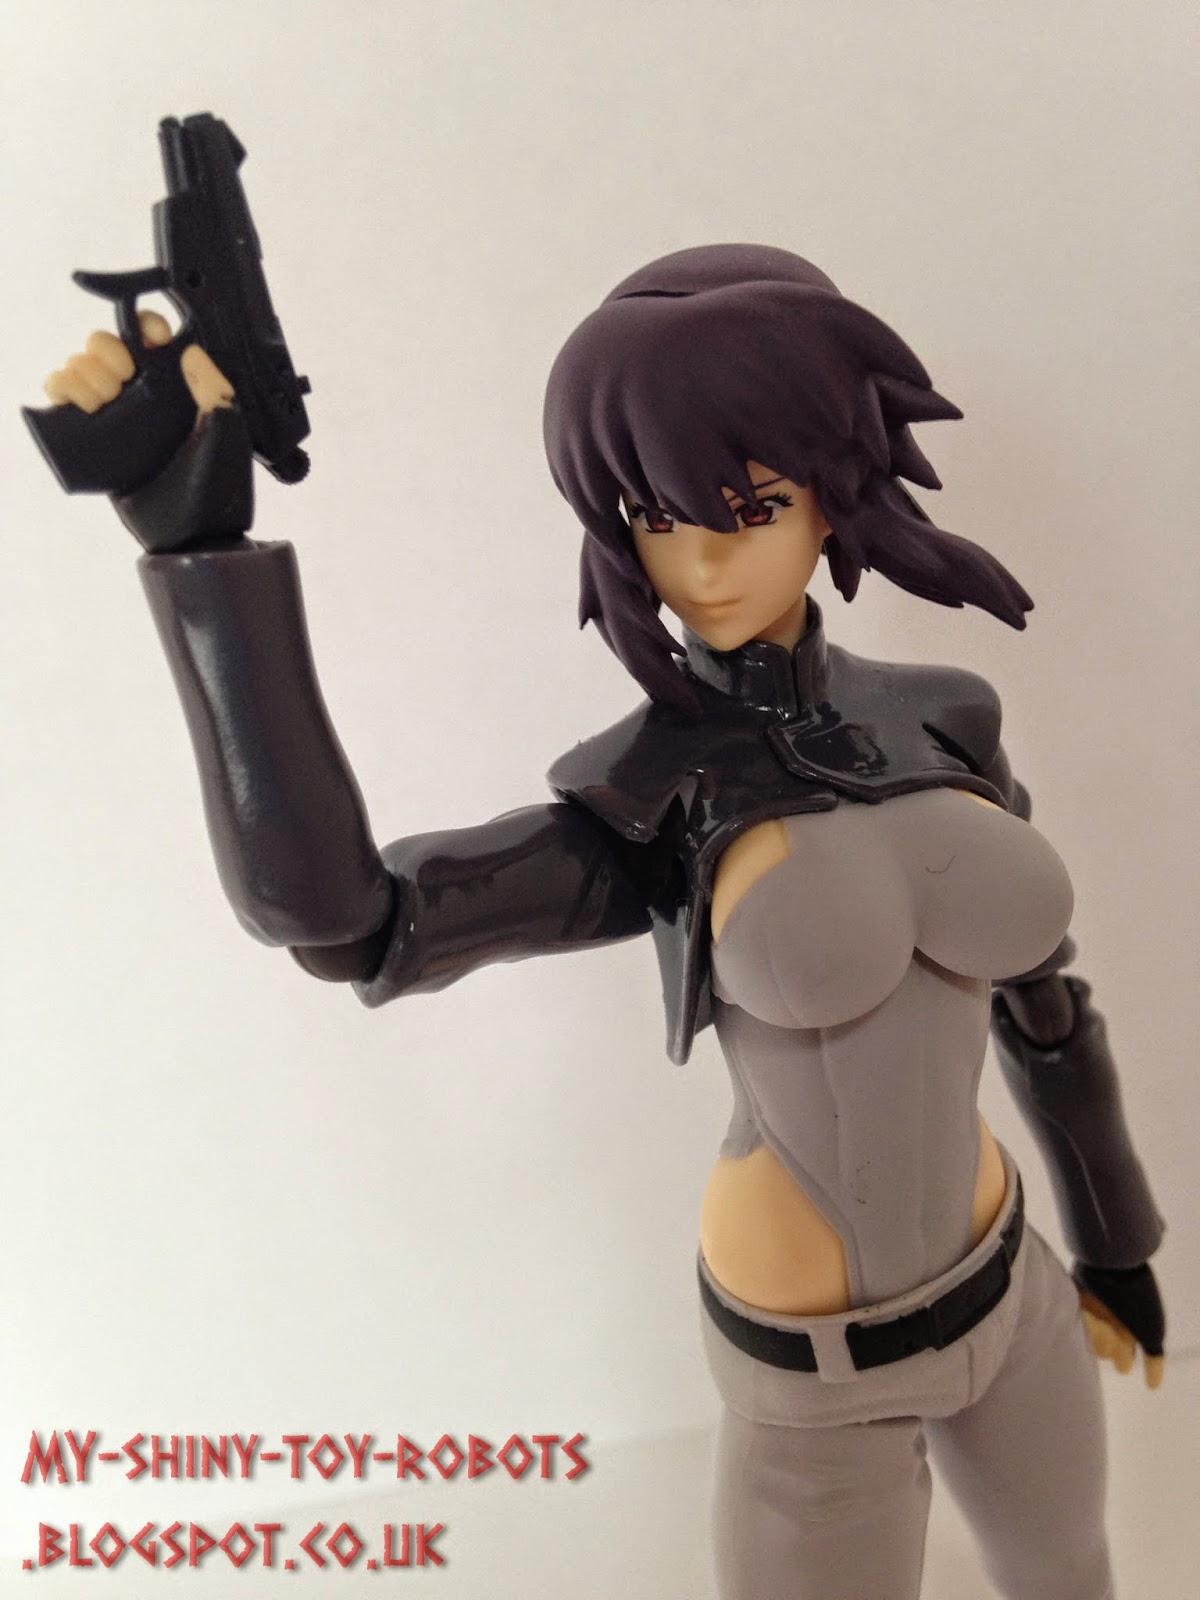 Major Motoko Kusanagi, reporting in!